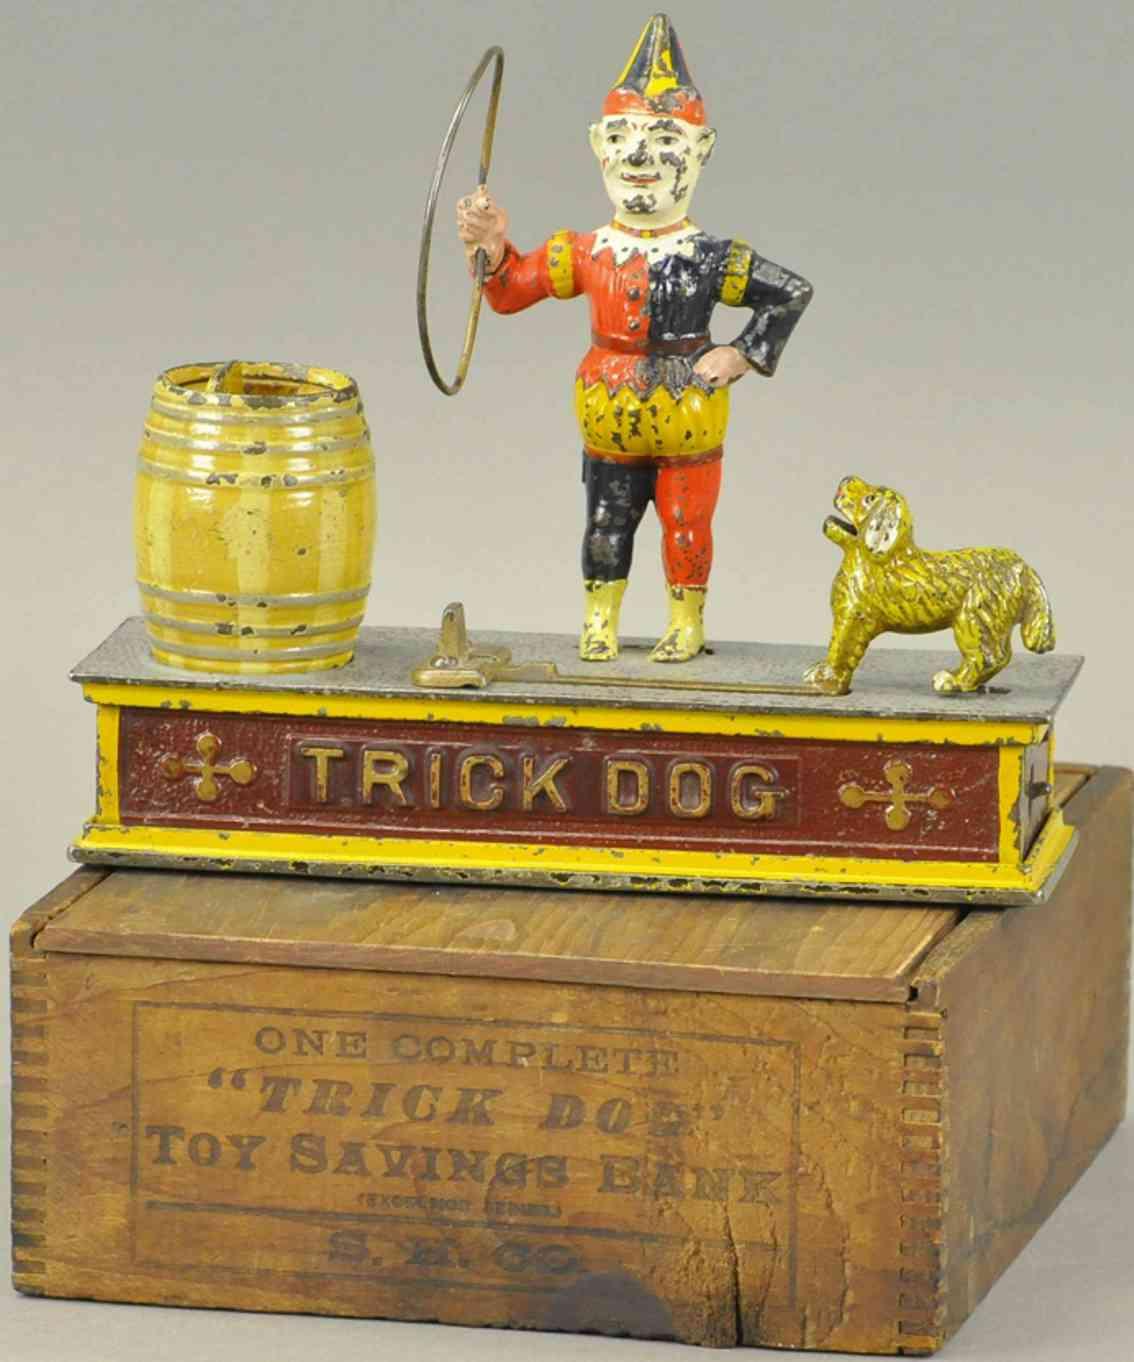 shepard hardware co 20 spielzeug gusseisen trick dog mann hund fass